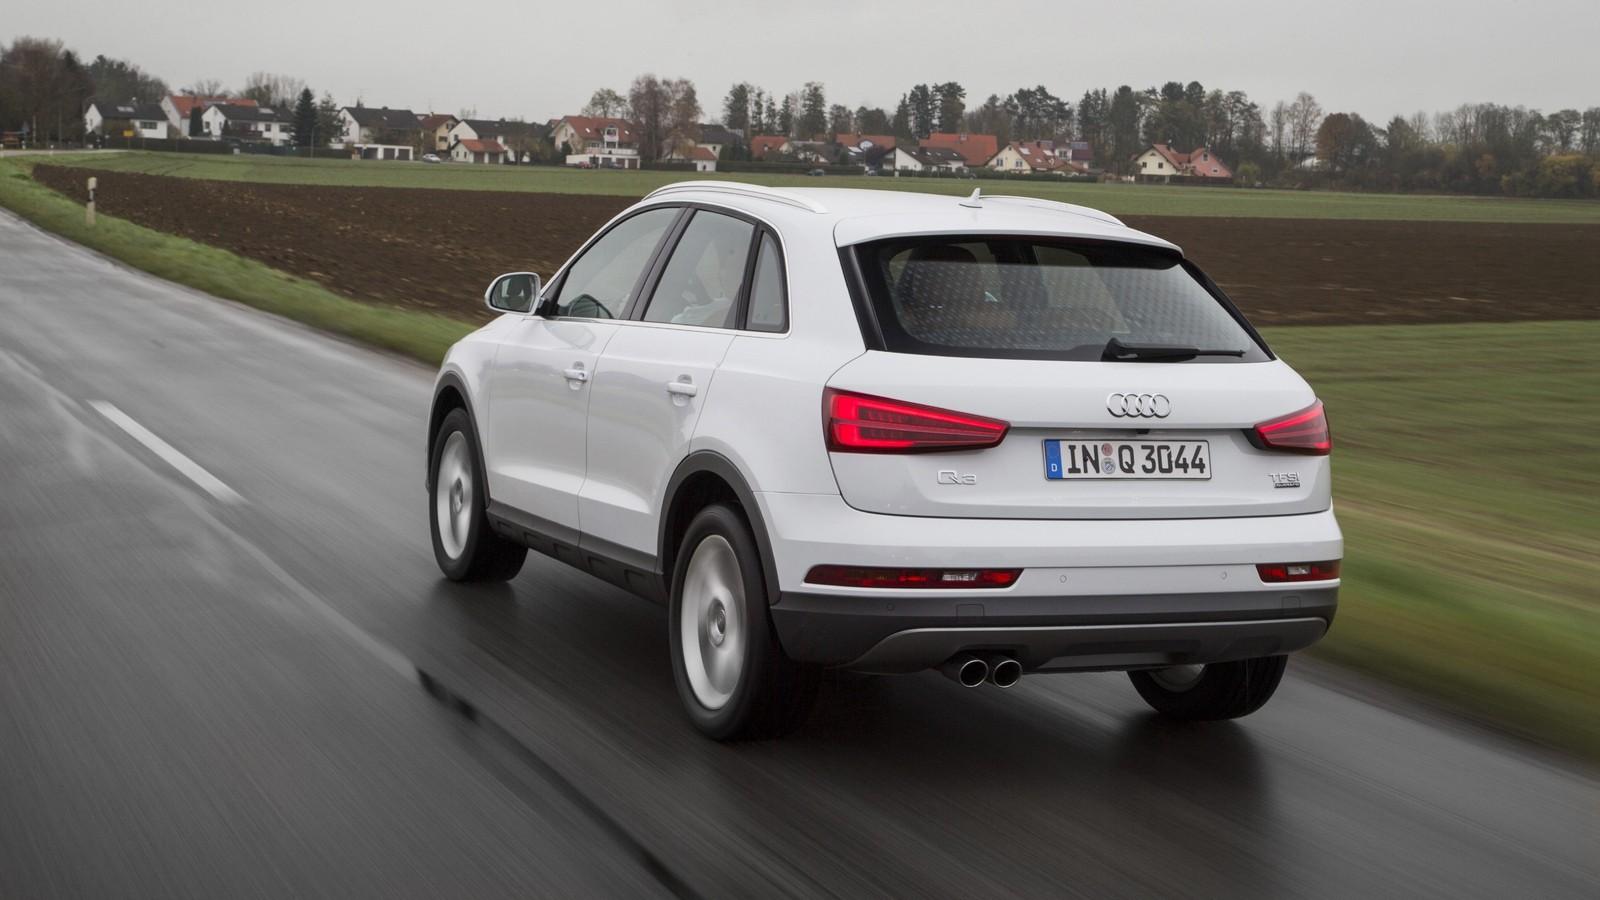 Audi Q3 2.0 TFSI quattro Worldwide (8U) '2015–н.в.ч